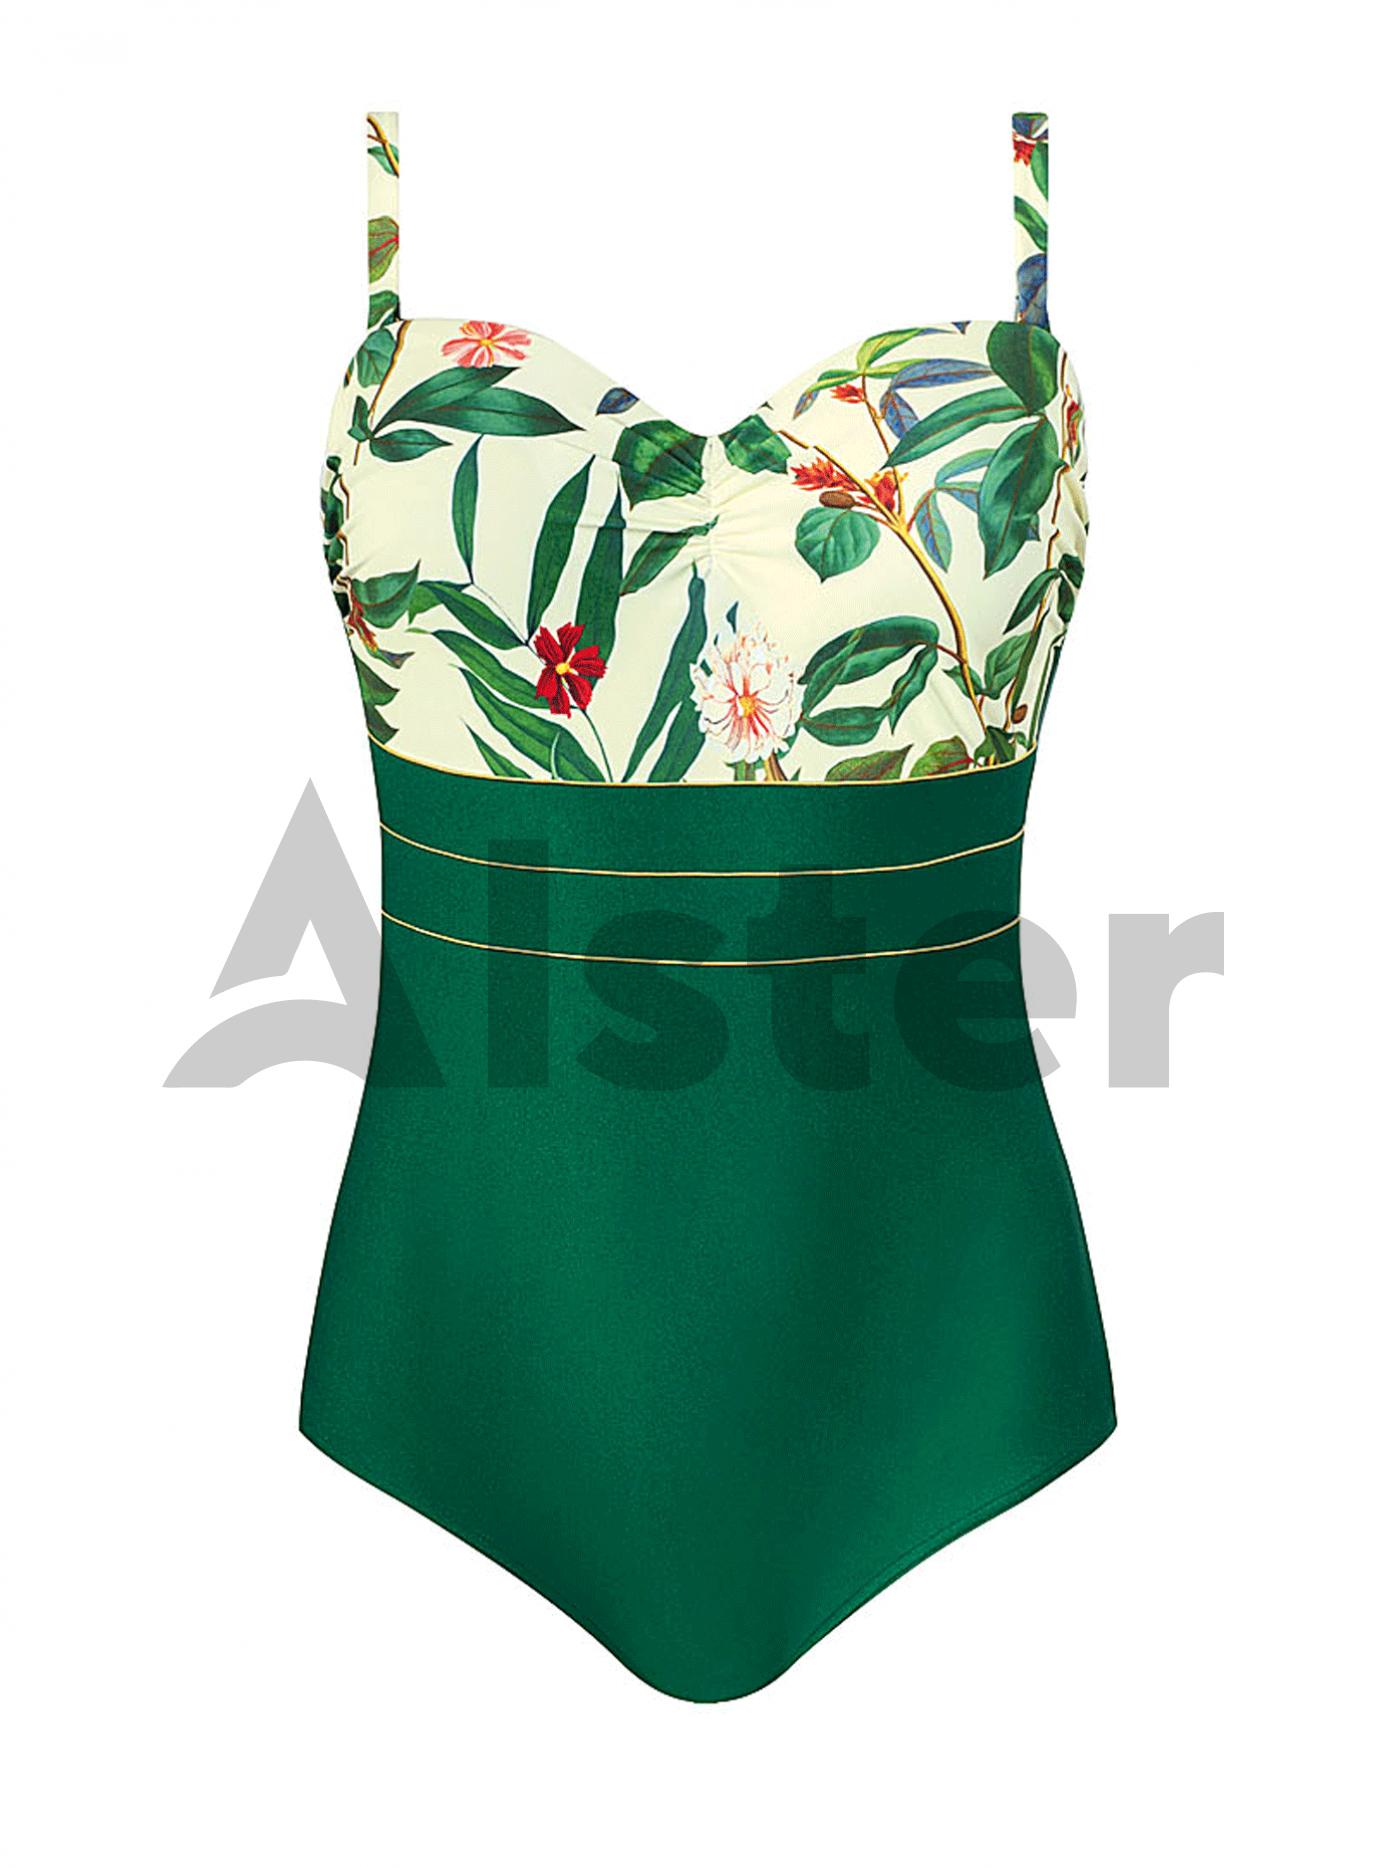 Сдельный купальник с цветами Зелёный 50C (01-K190469): фото - Alster.ua